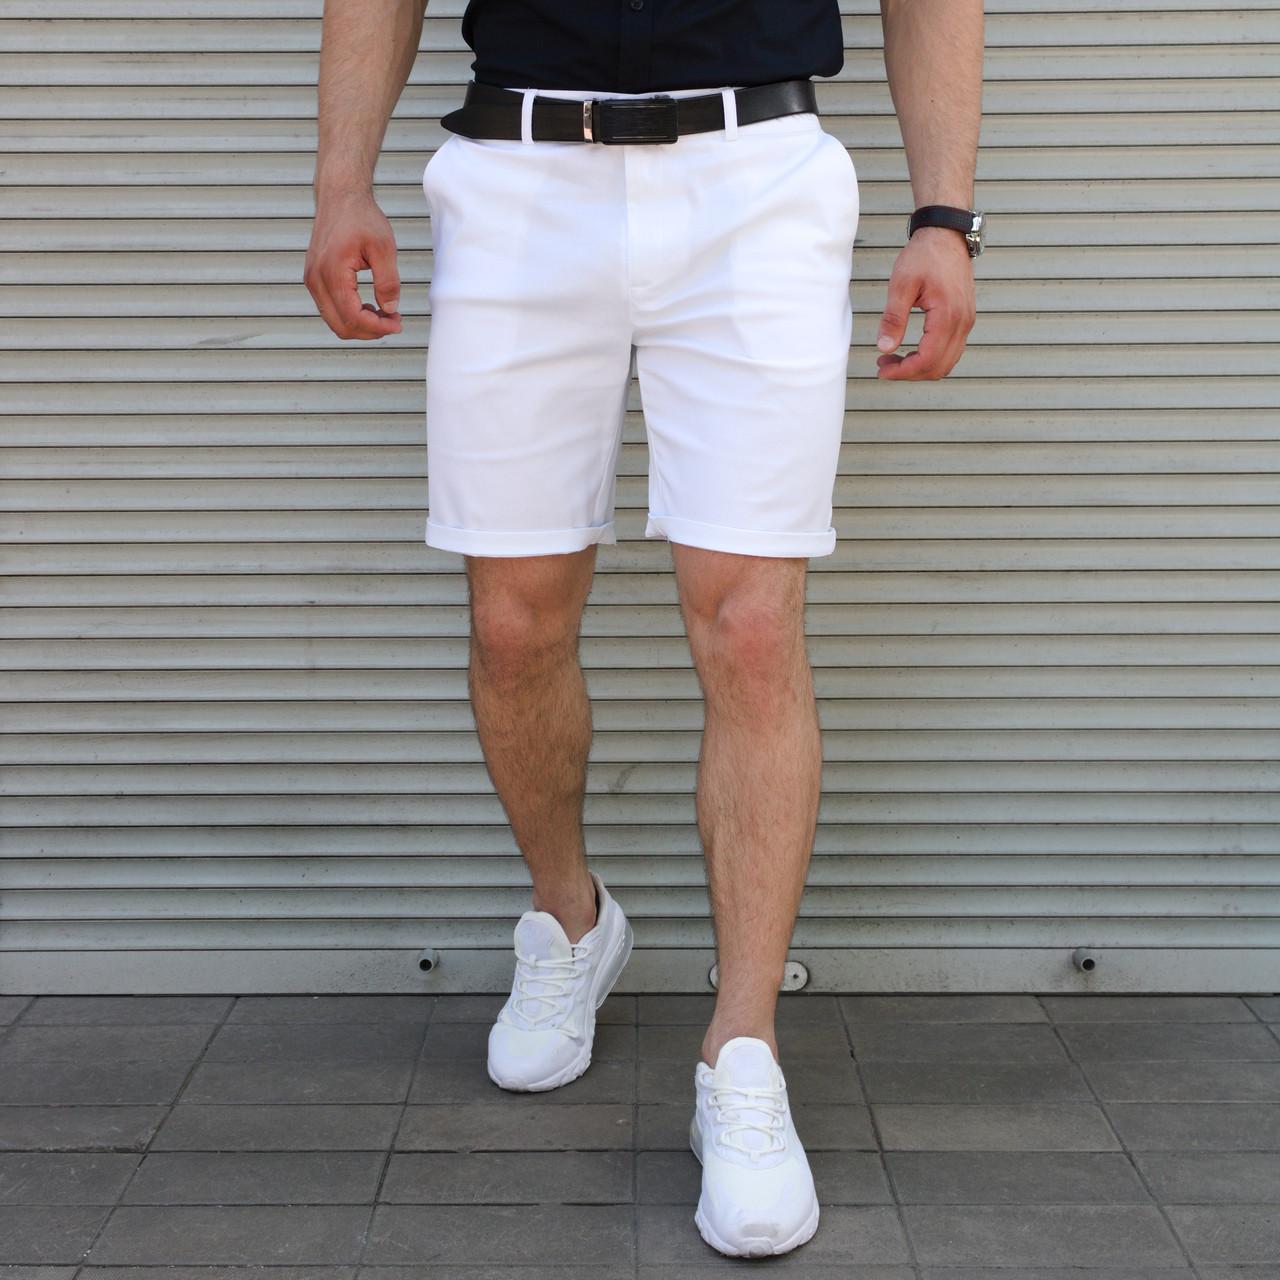 Чоловічі повсякденні шорти чінос з бавовни, білі